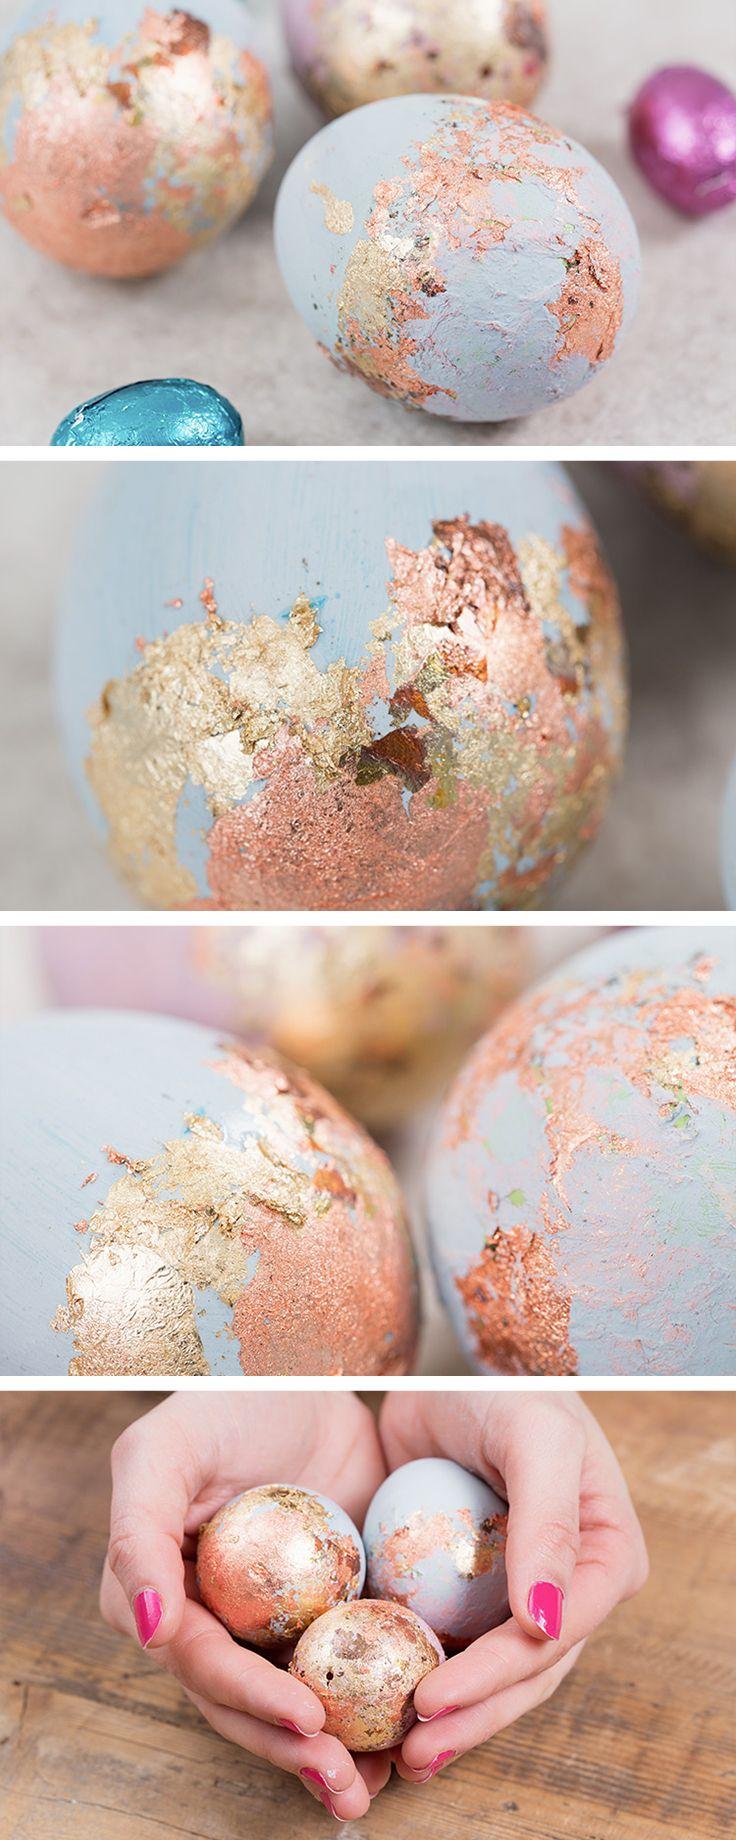 Uova decorate in colori pastello con foglia oro: decorazioni semplici e raffinate per Pasqua - http://it.dawanda.com/tutorial-fai-da-te/idee-creative/decorare-uova-pasquali-foglia-oro-vernice-acrilica